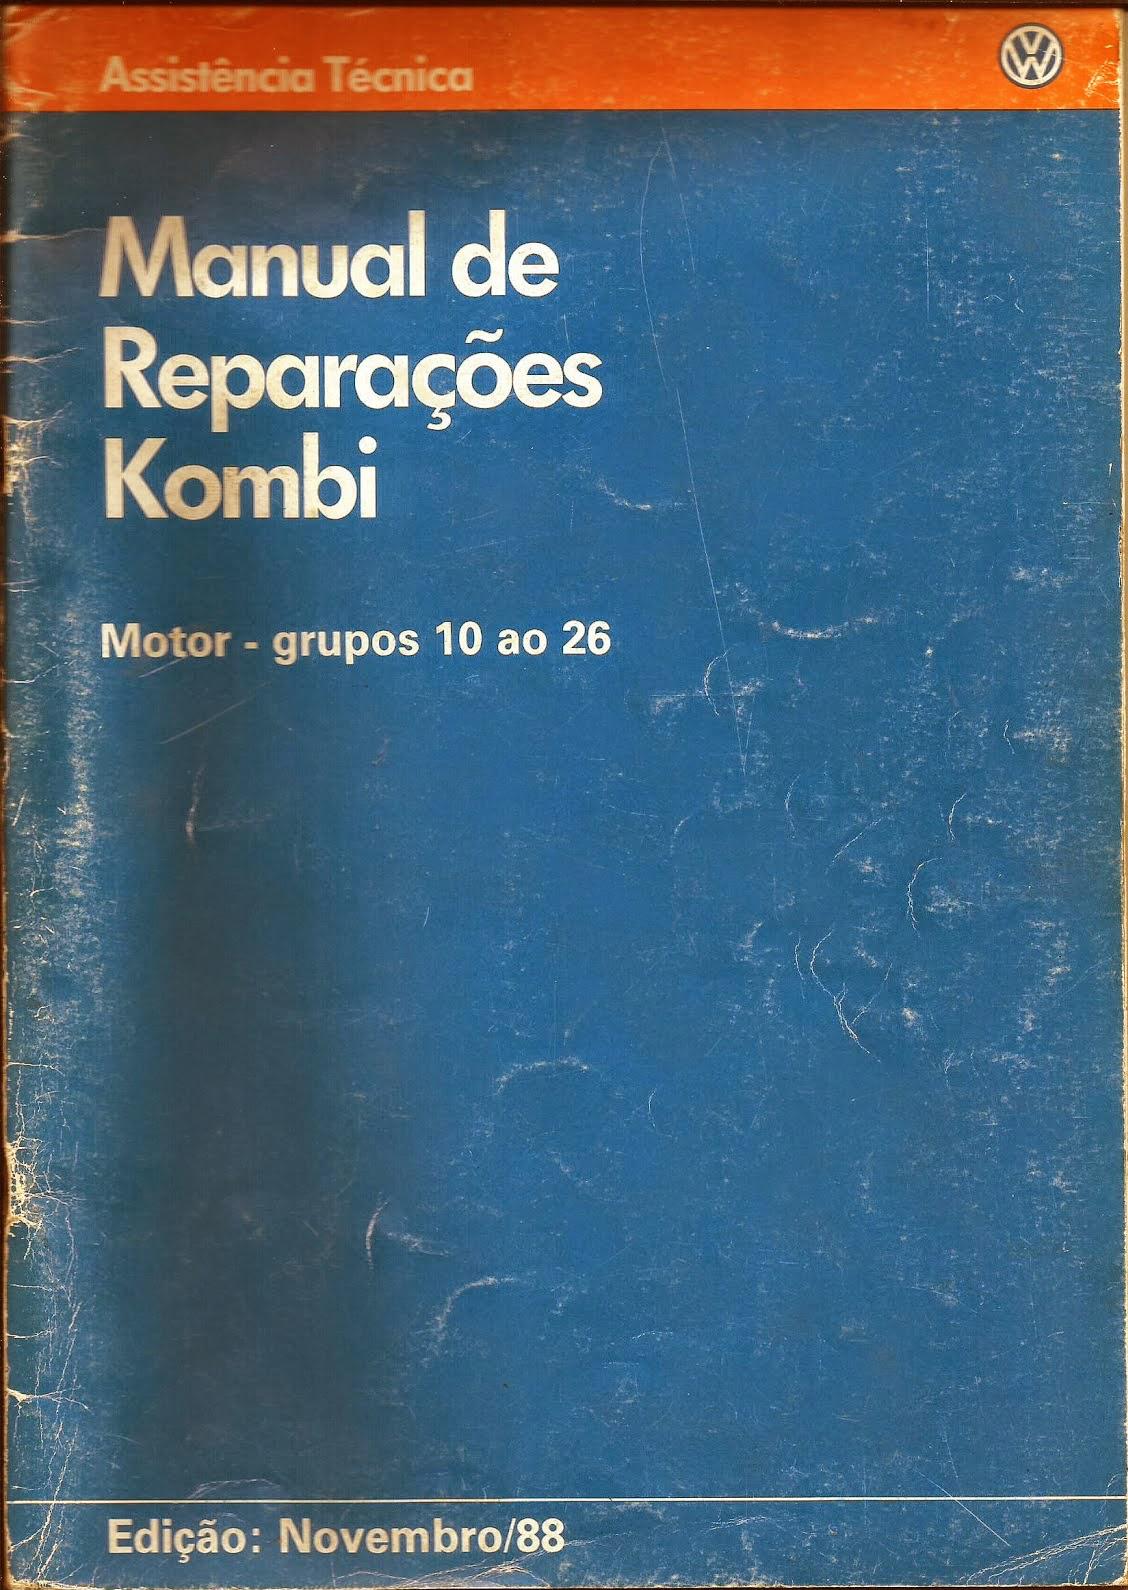 MANUAL DE REPARAÇÕES KOMBI 1988 GRUPOS 10 ao 16 (MOTOR)